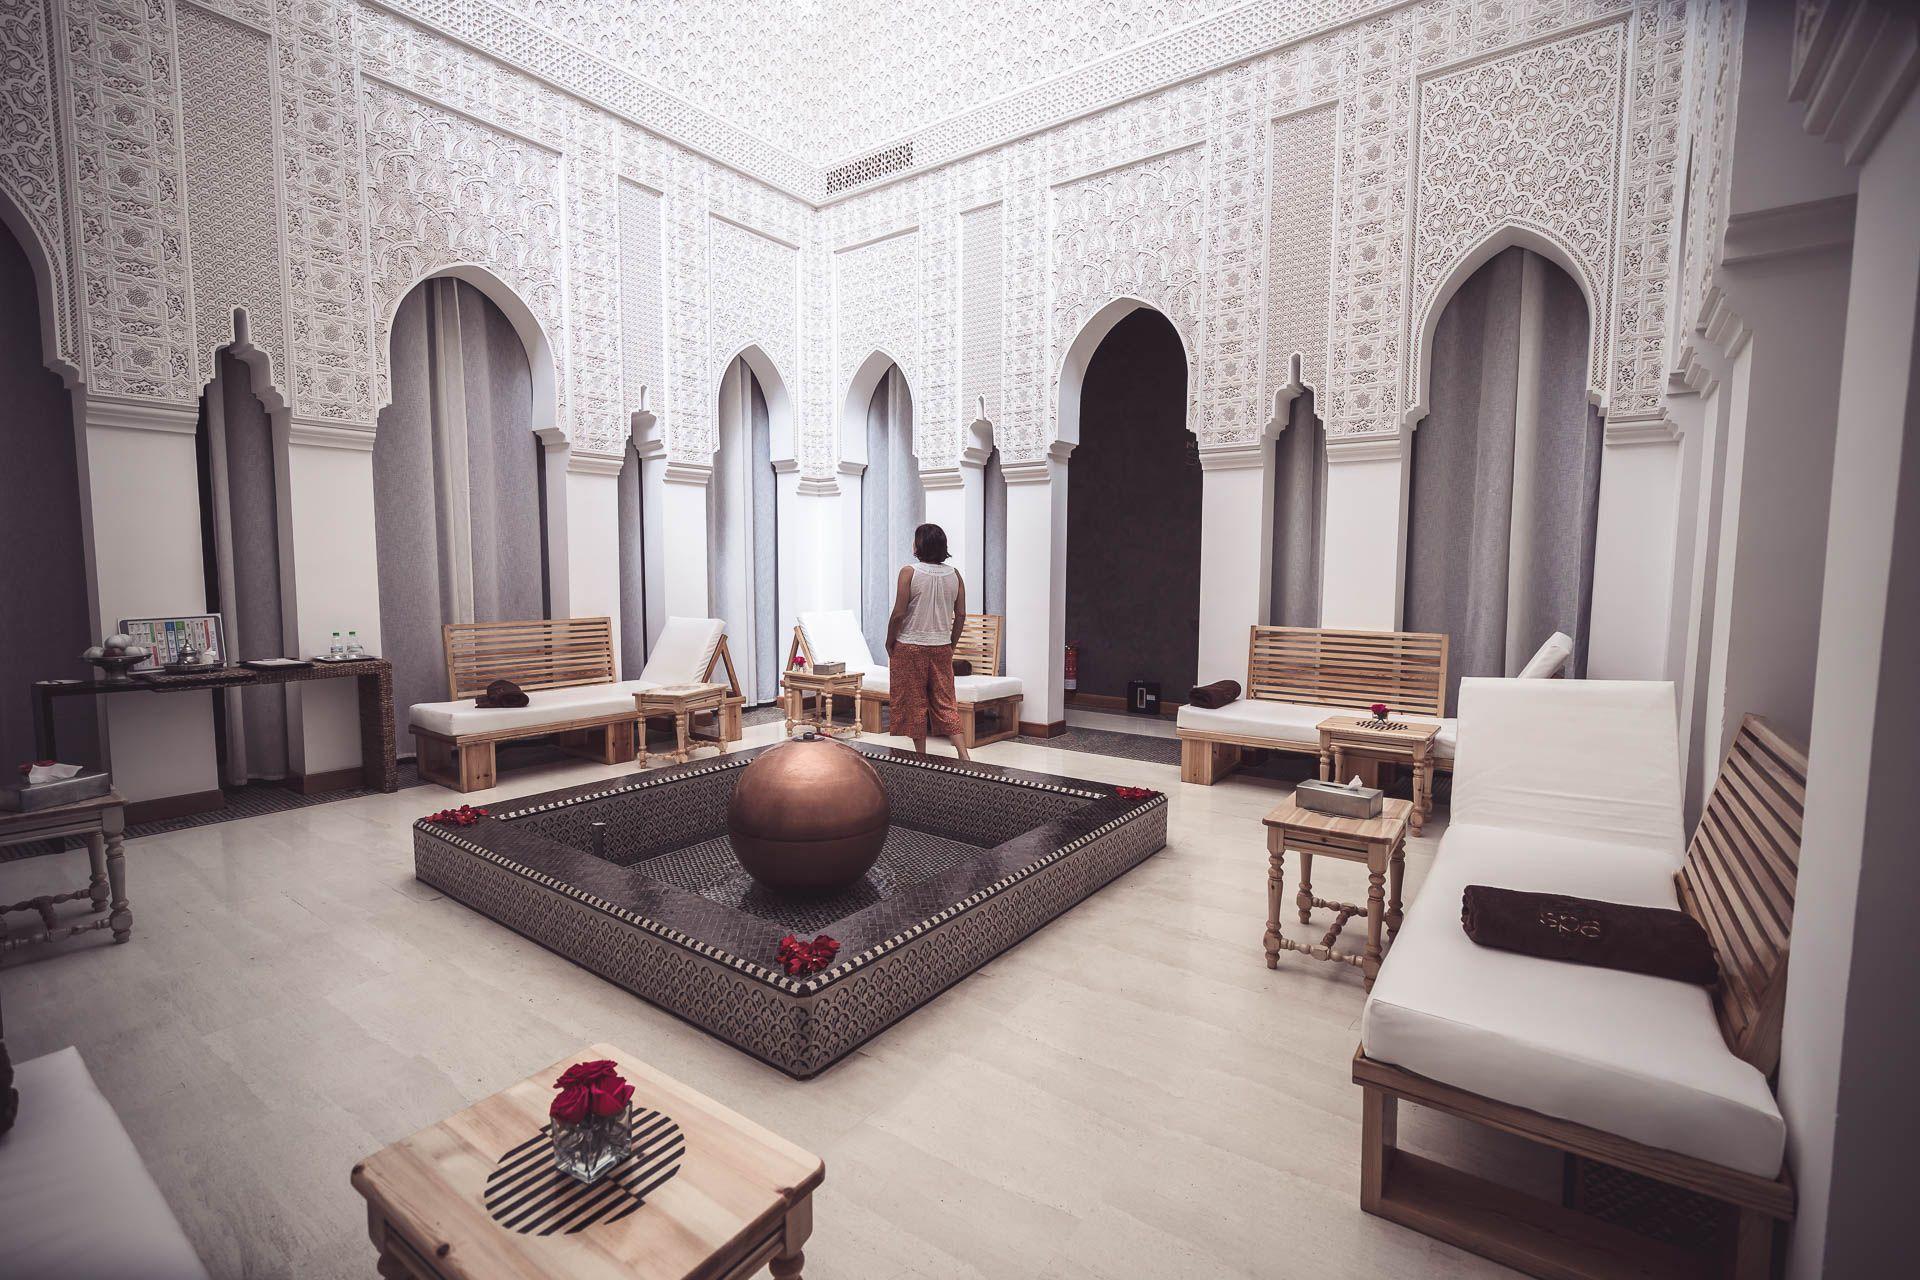 les-voyageuses-test-pullman-marrakech-palmeraie-spa-00606